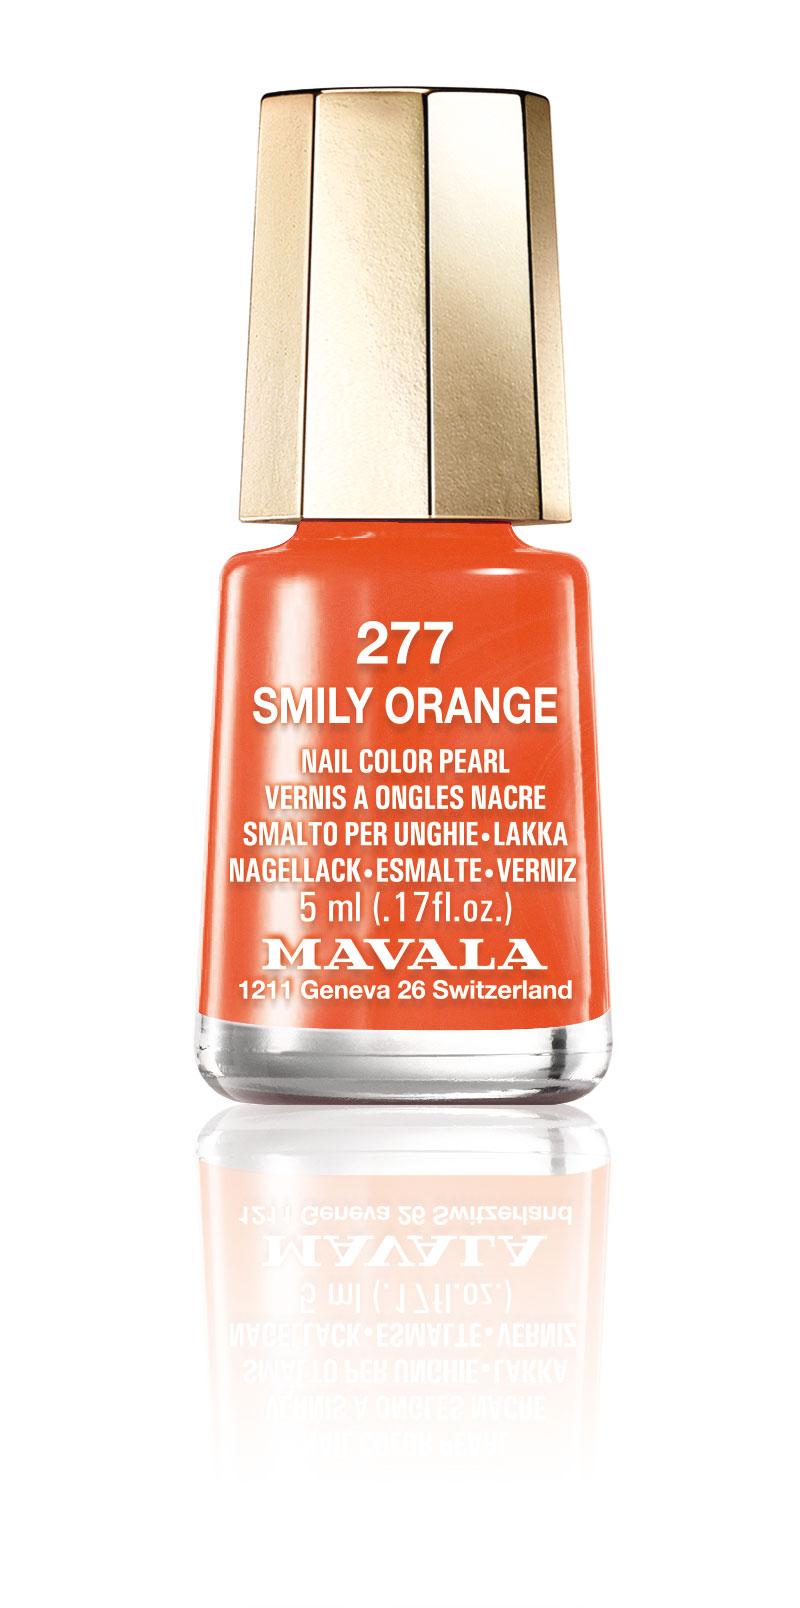 277 SMILY ORANGE